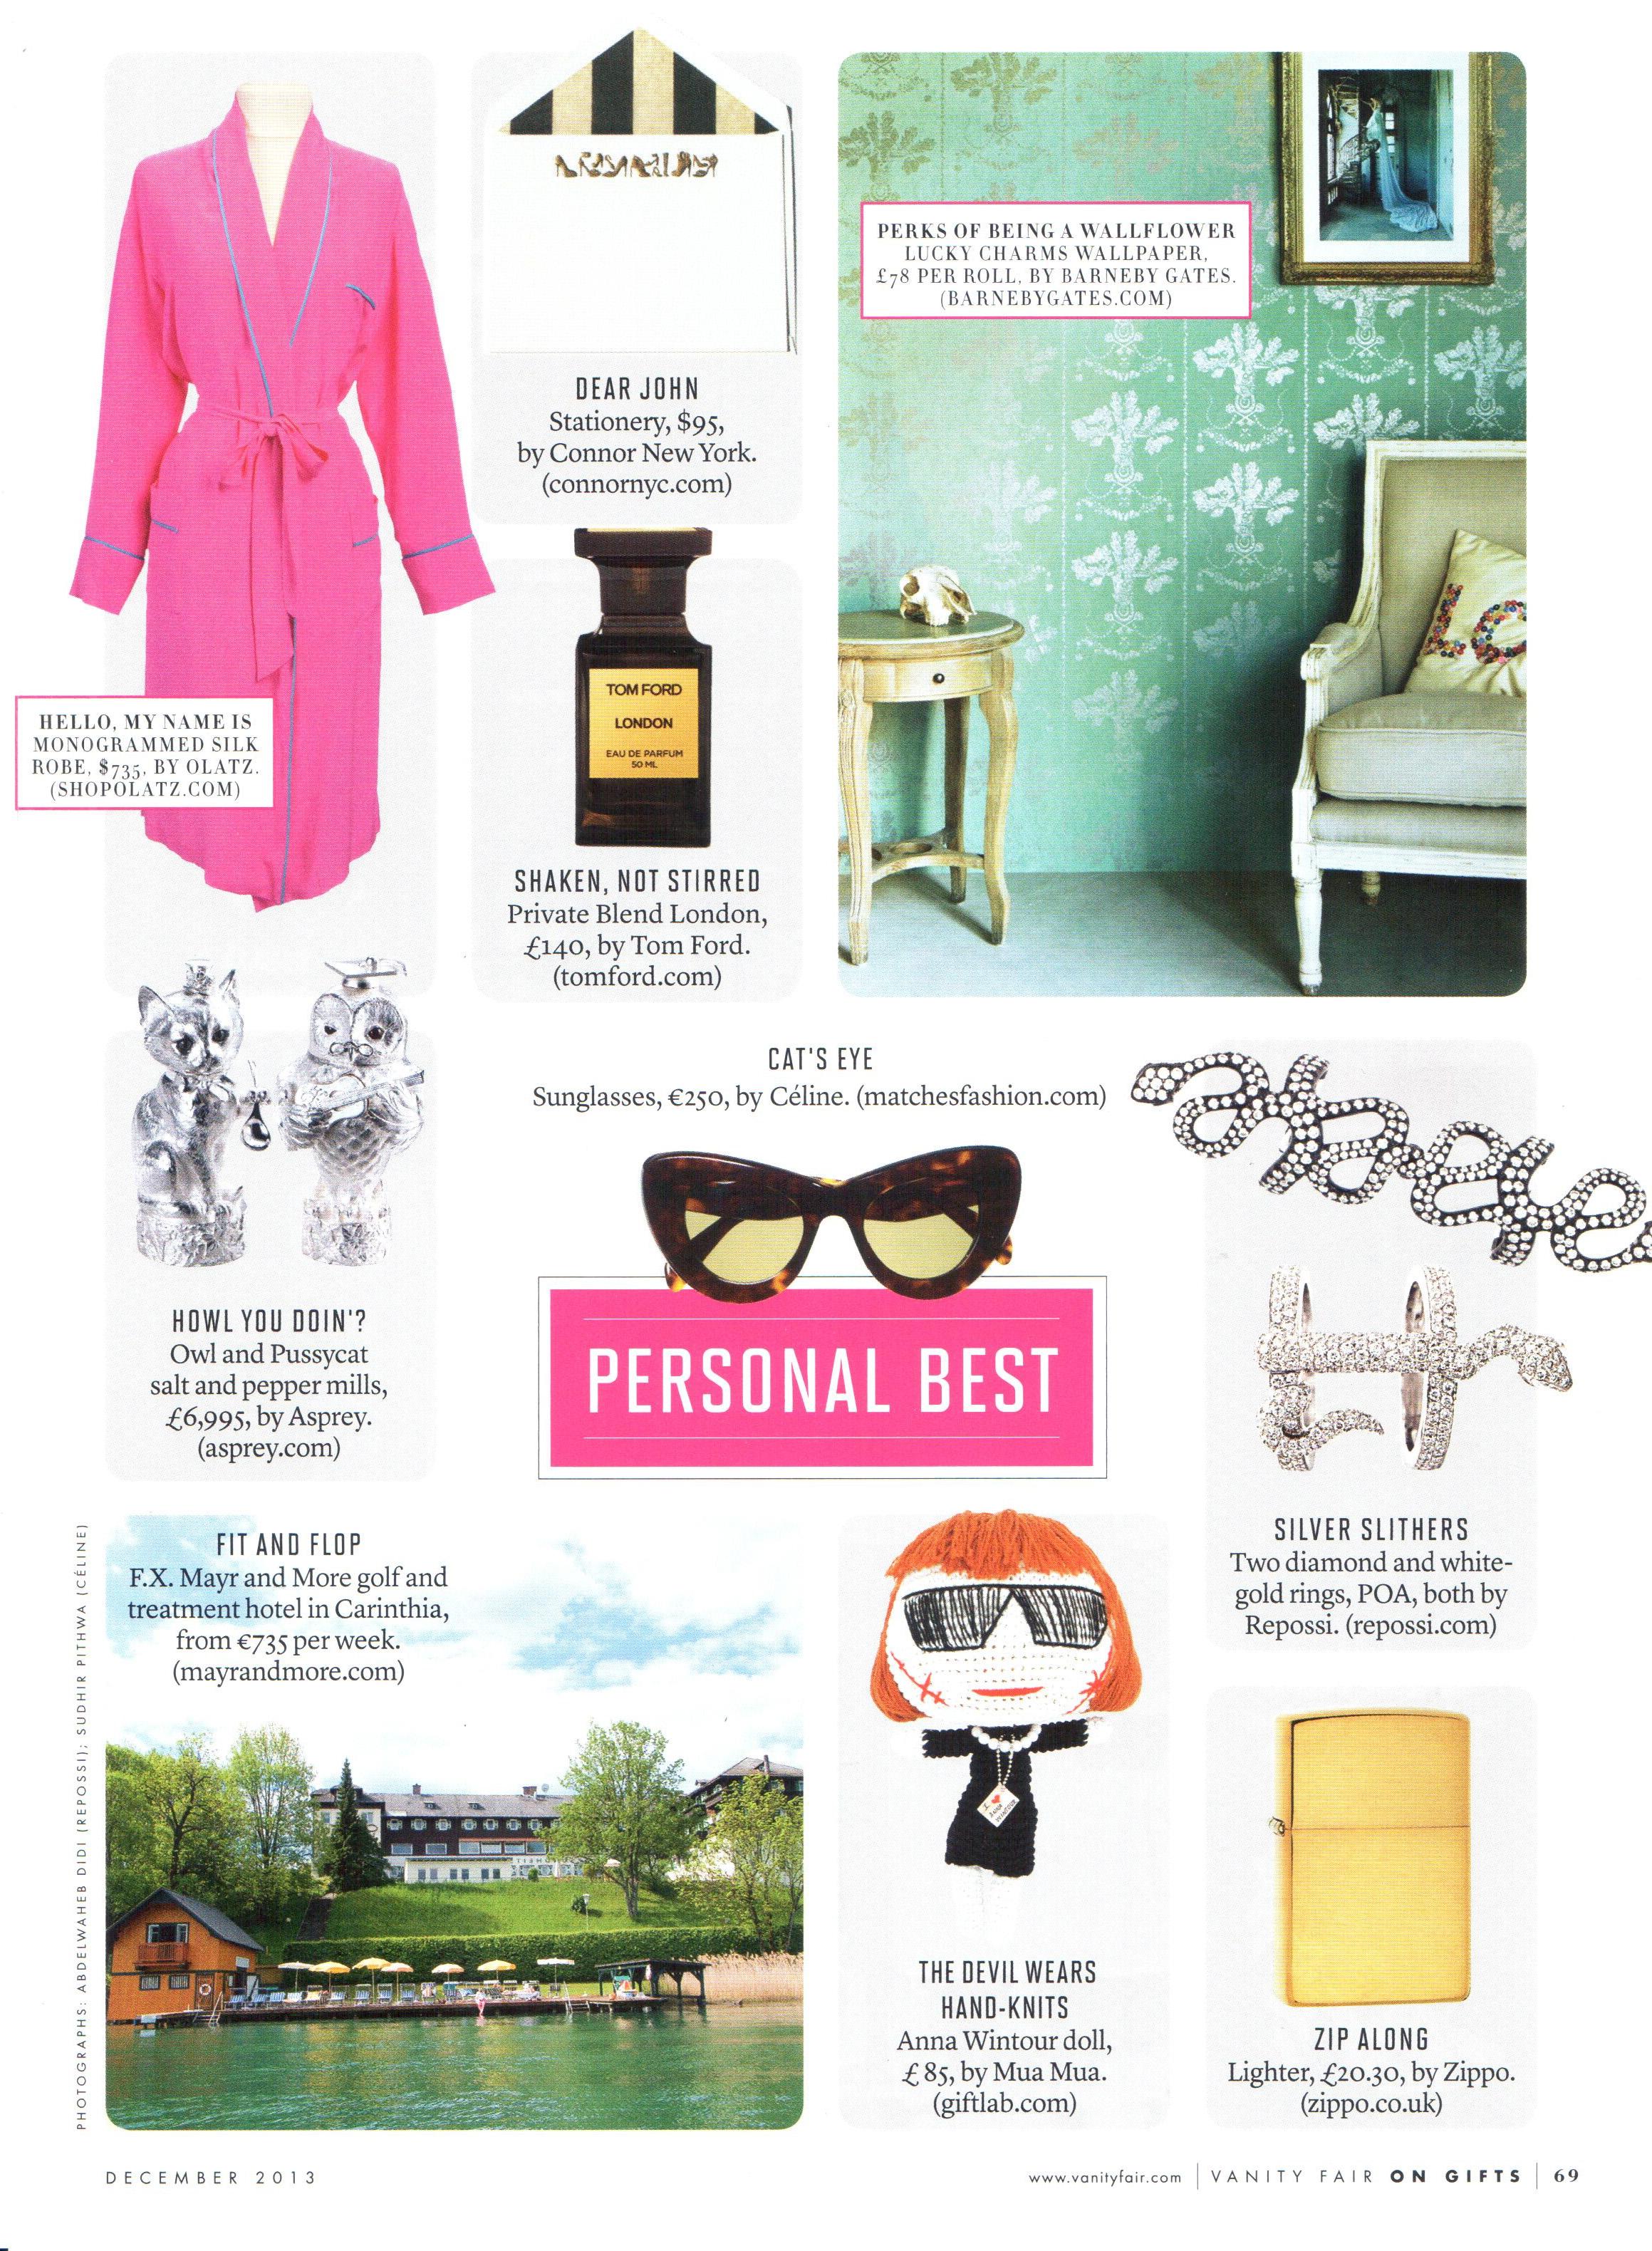 Vanity Fair - December 2013 - Article